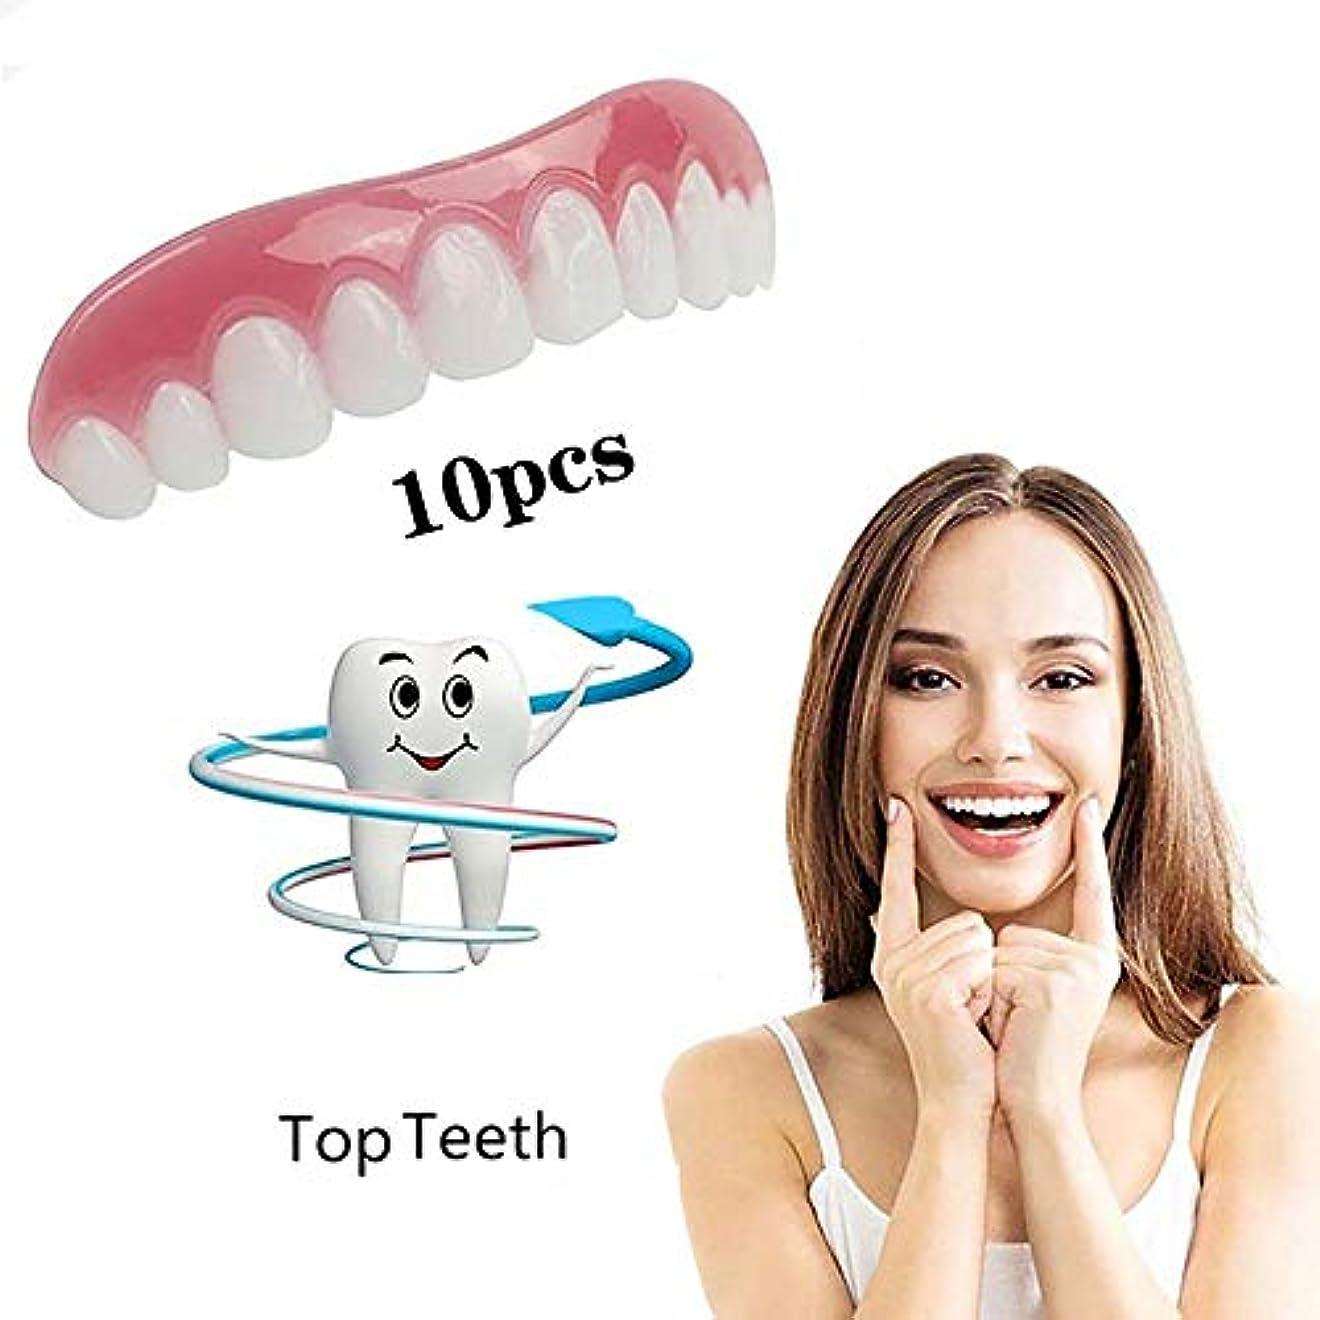 配管従来の見積り10個偽の歯アッパー偽の偽の歯カバースナップオン即時の歯の化粧品義歯のケアオーラルケアシリコーンホワイトニング義歯